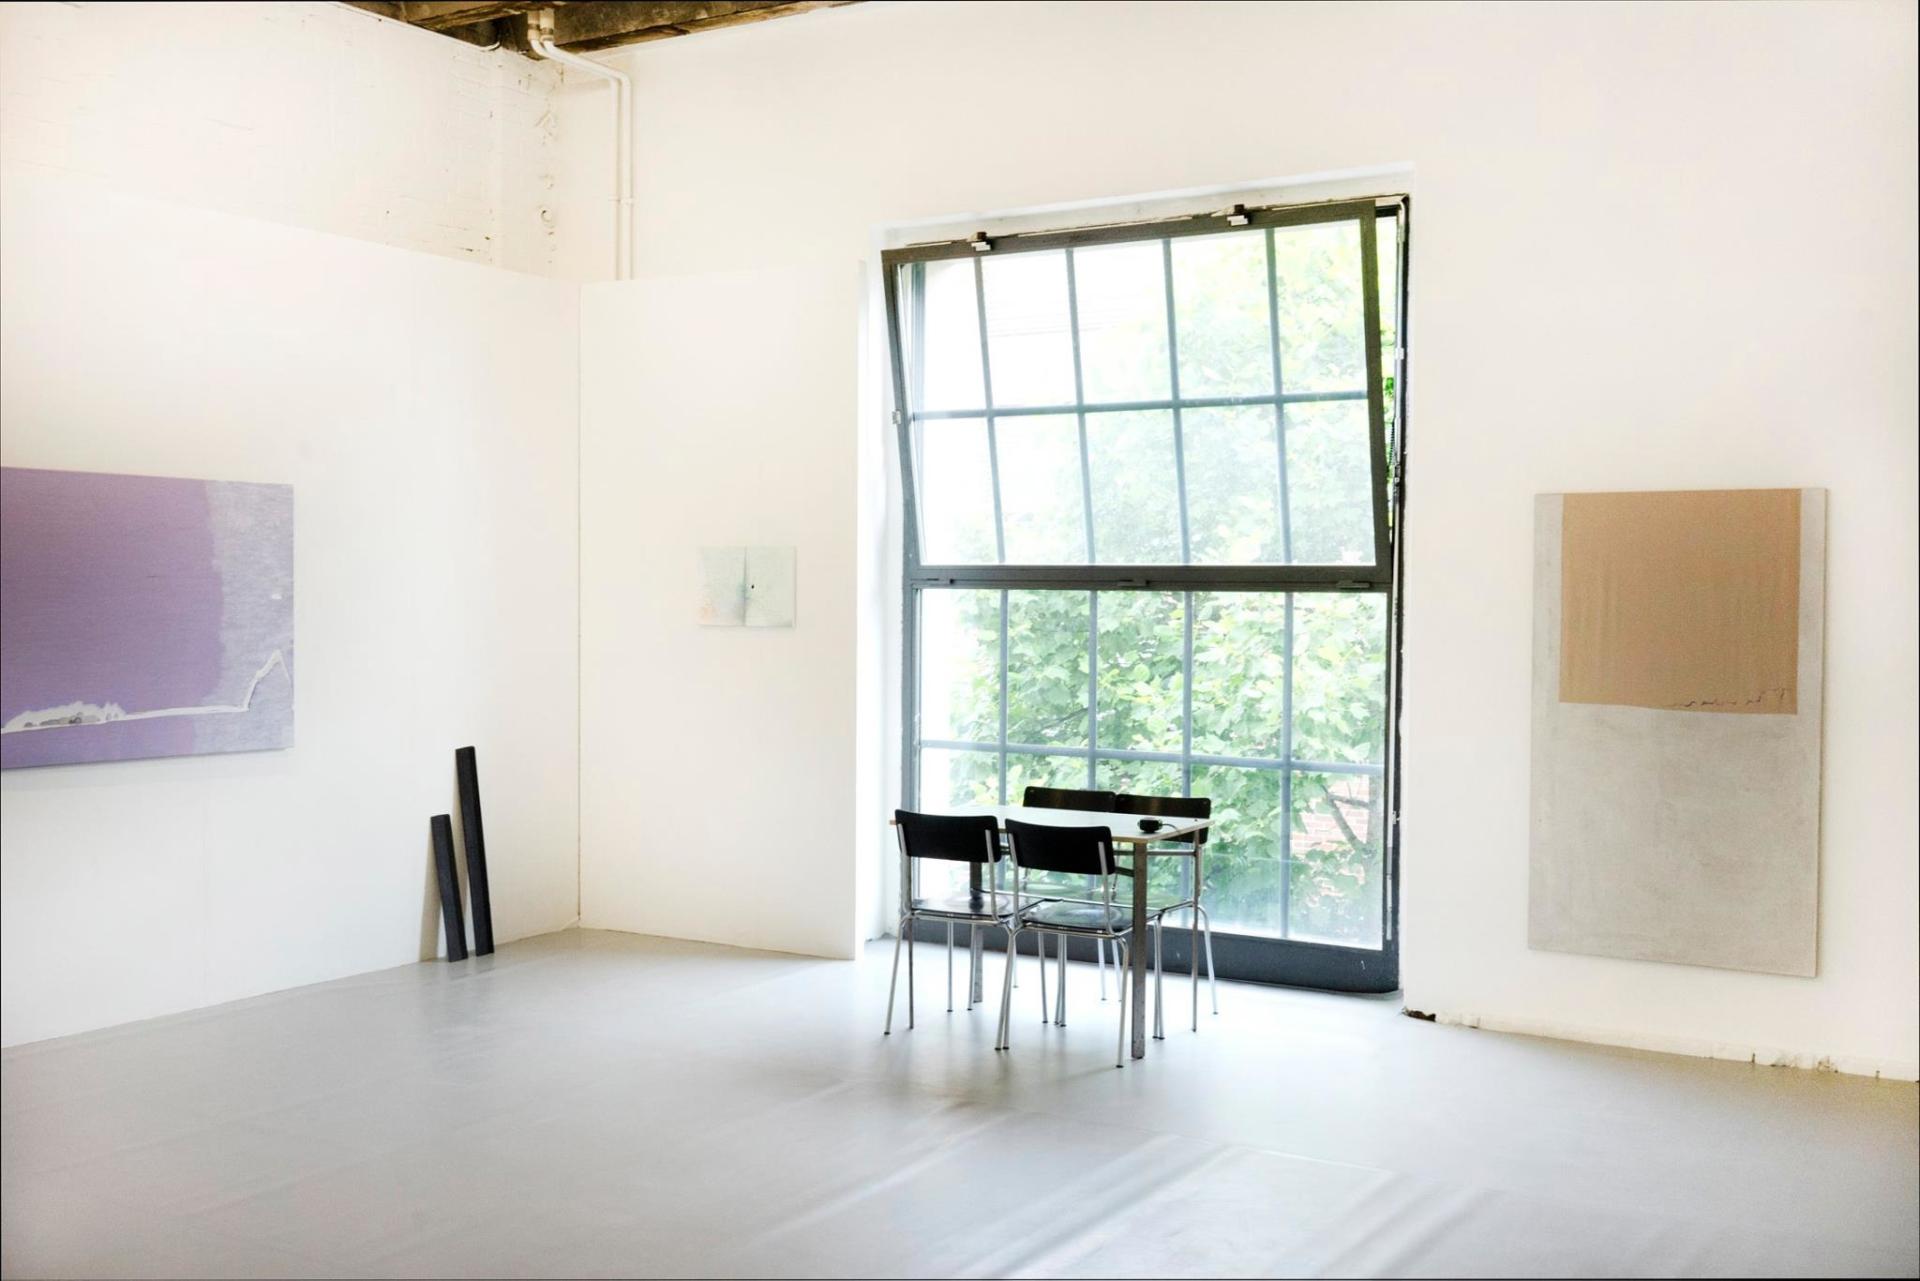 Galleria Fonti LISTE Art Fair 2017